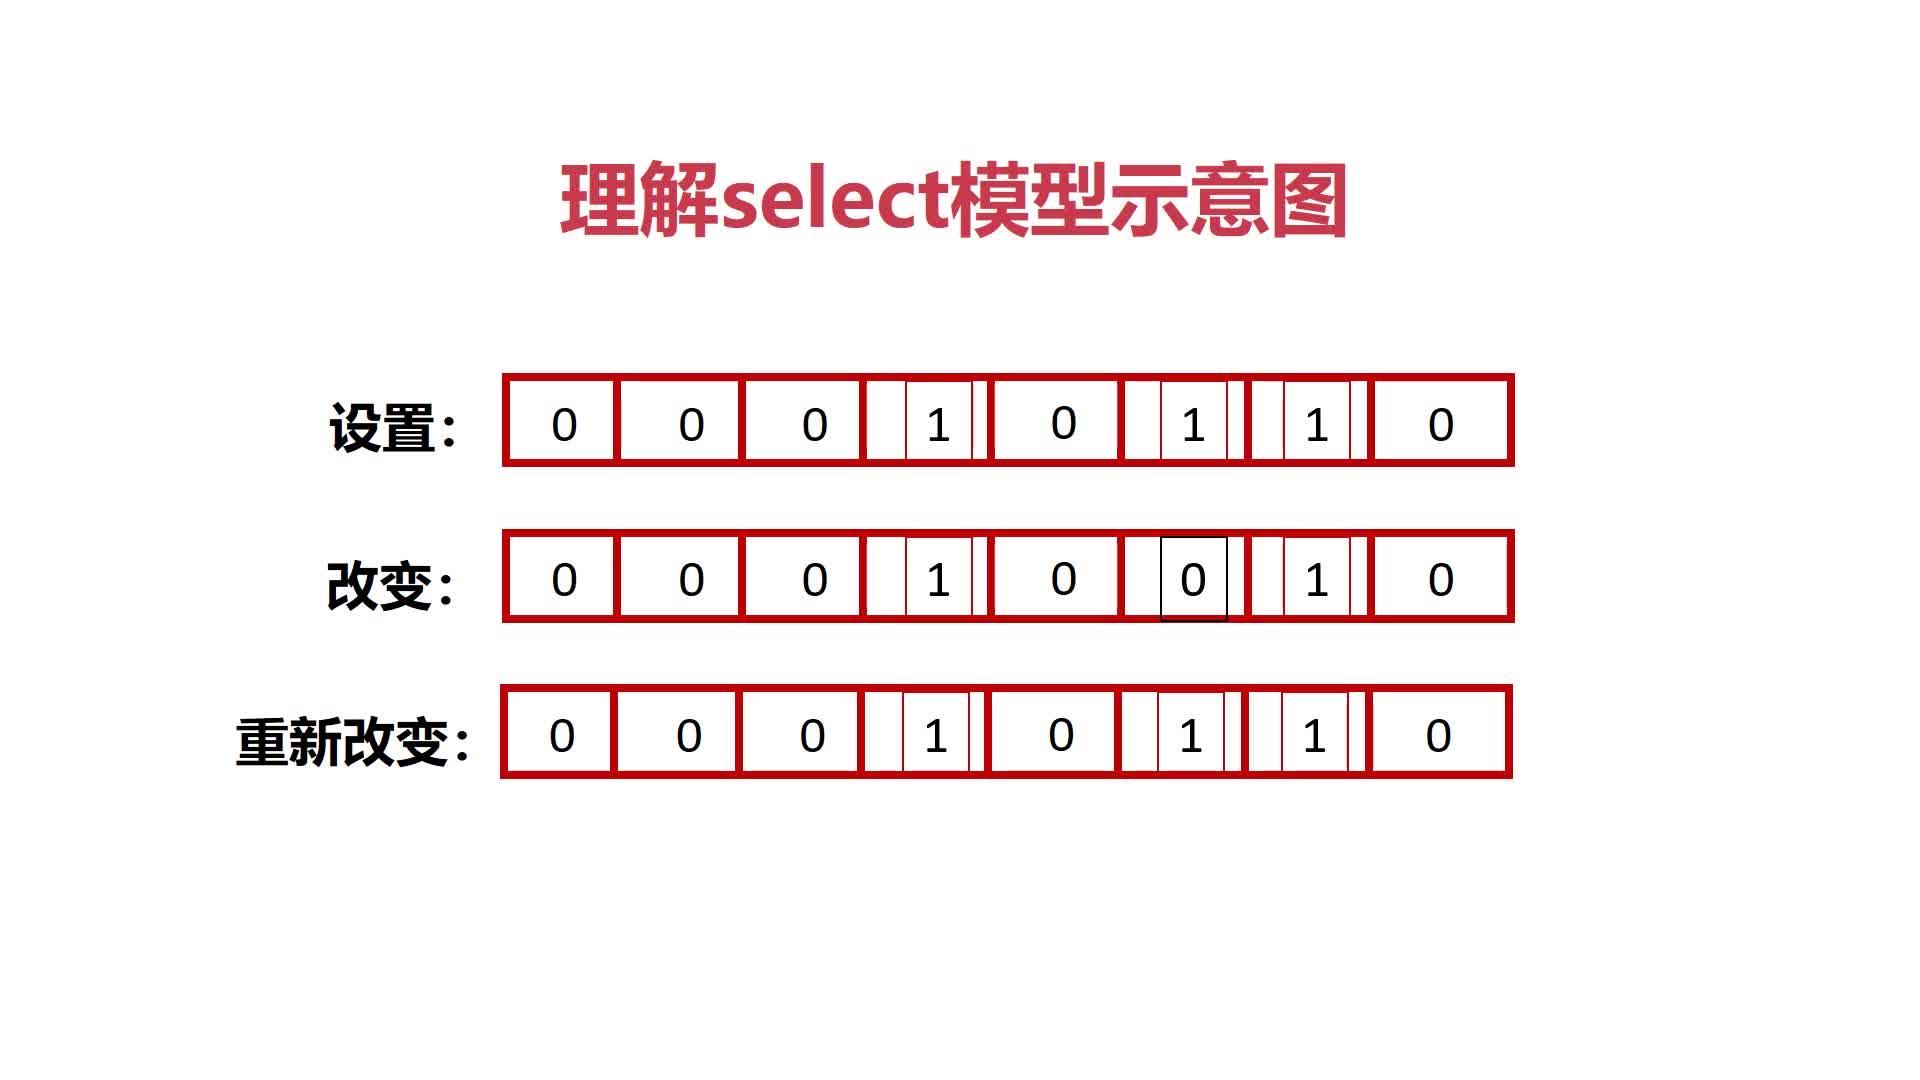 理解select模型示意图